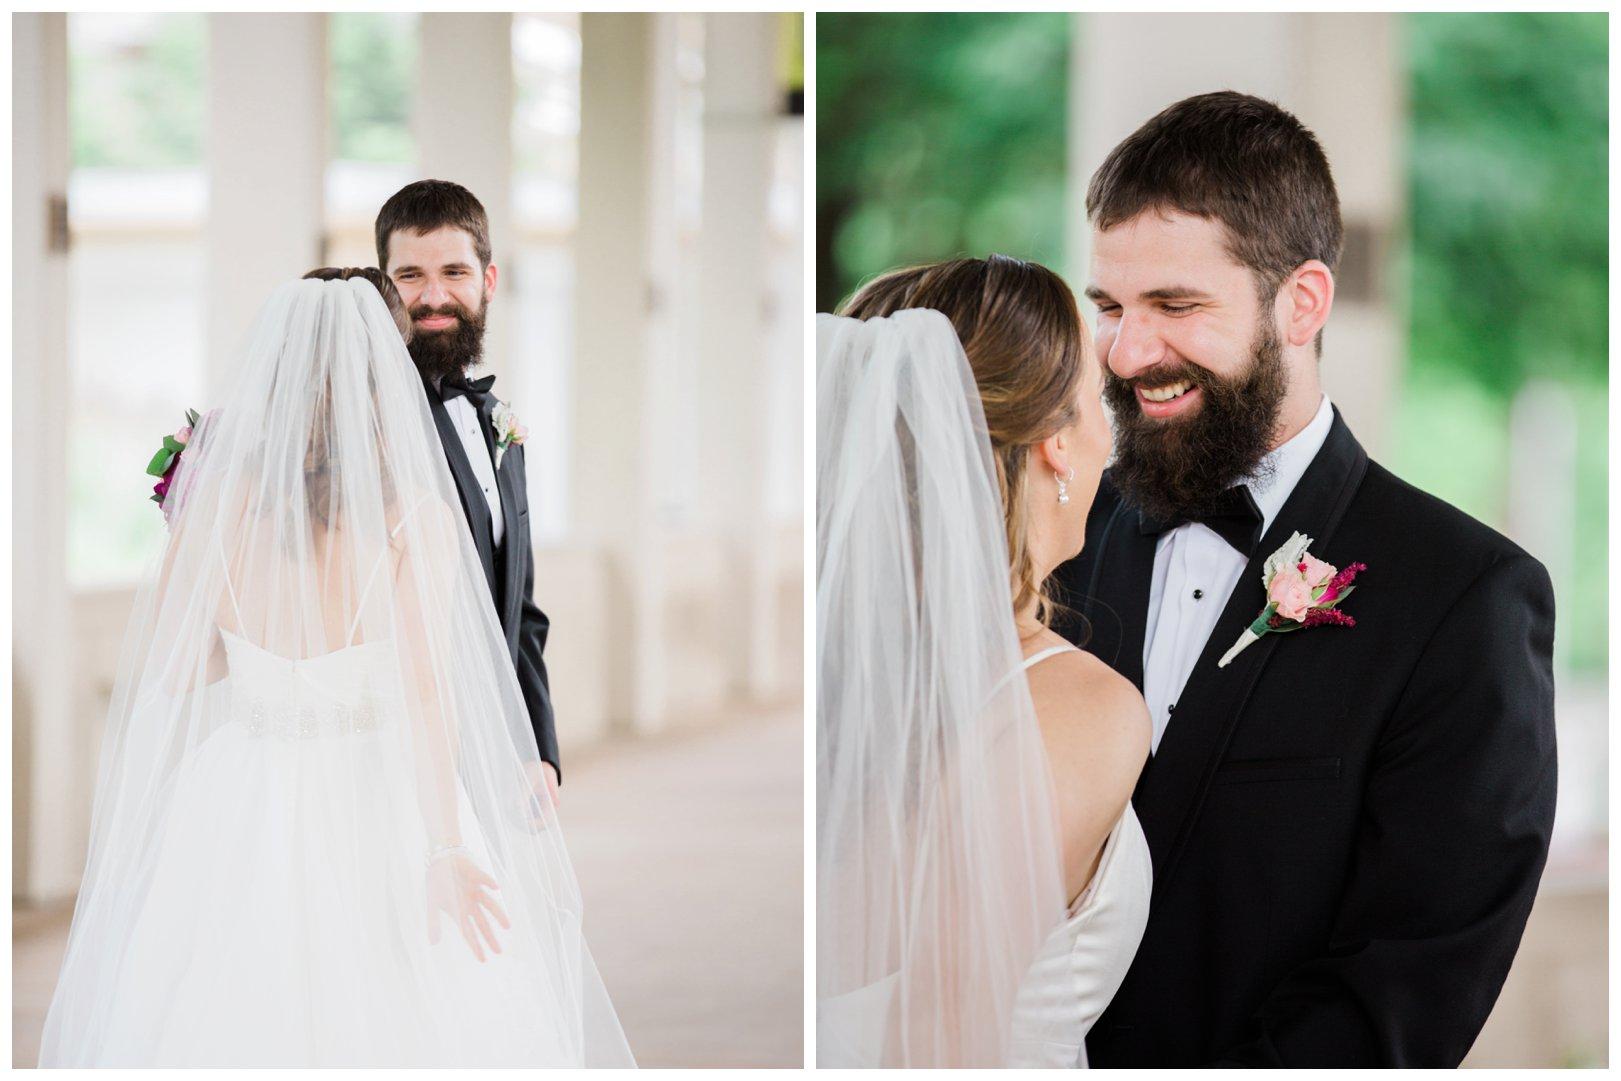 lauren muckler photography_fine art film wedding photography_st louis_photography_1094.jpg